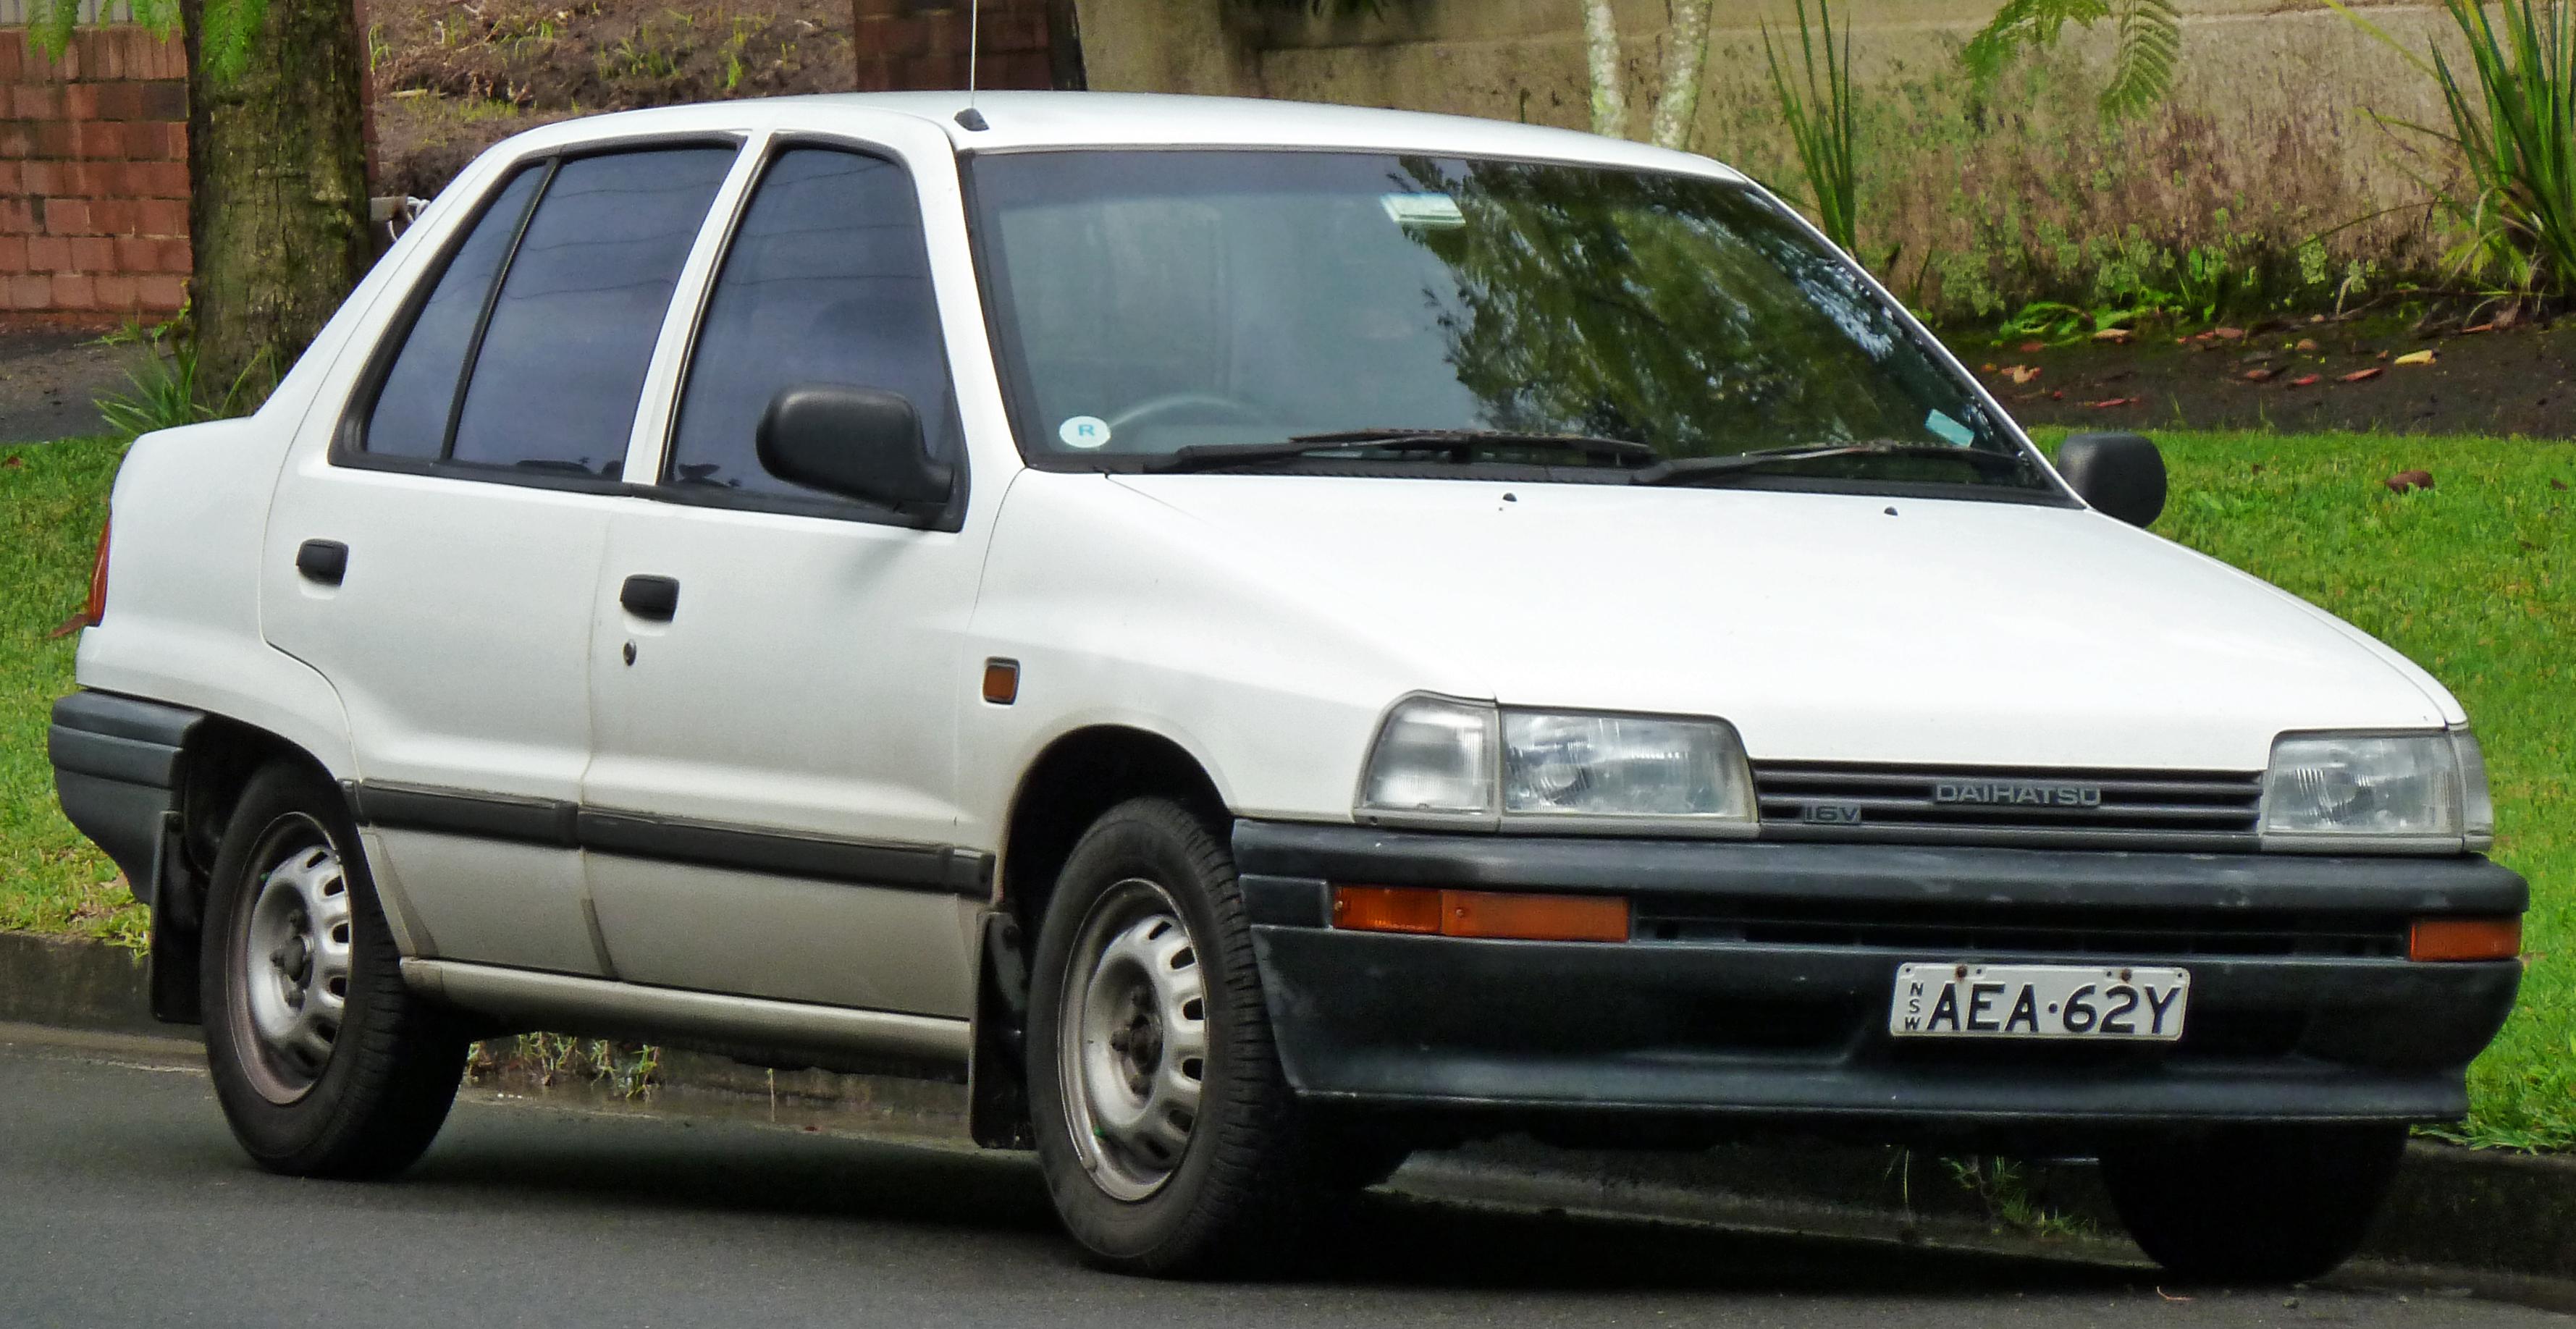 Daihatsu charade daihatsu pinterest daihatsu and cars vanachro Choice Image